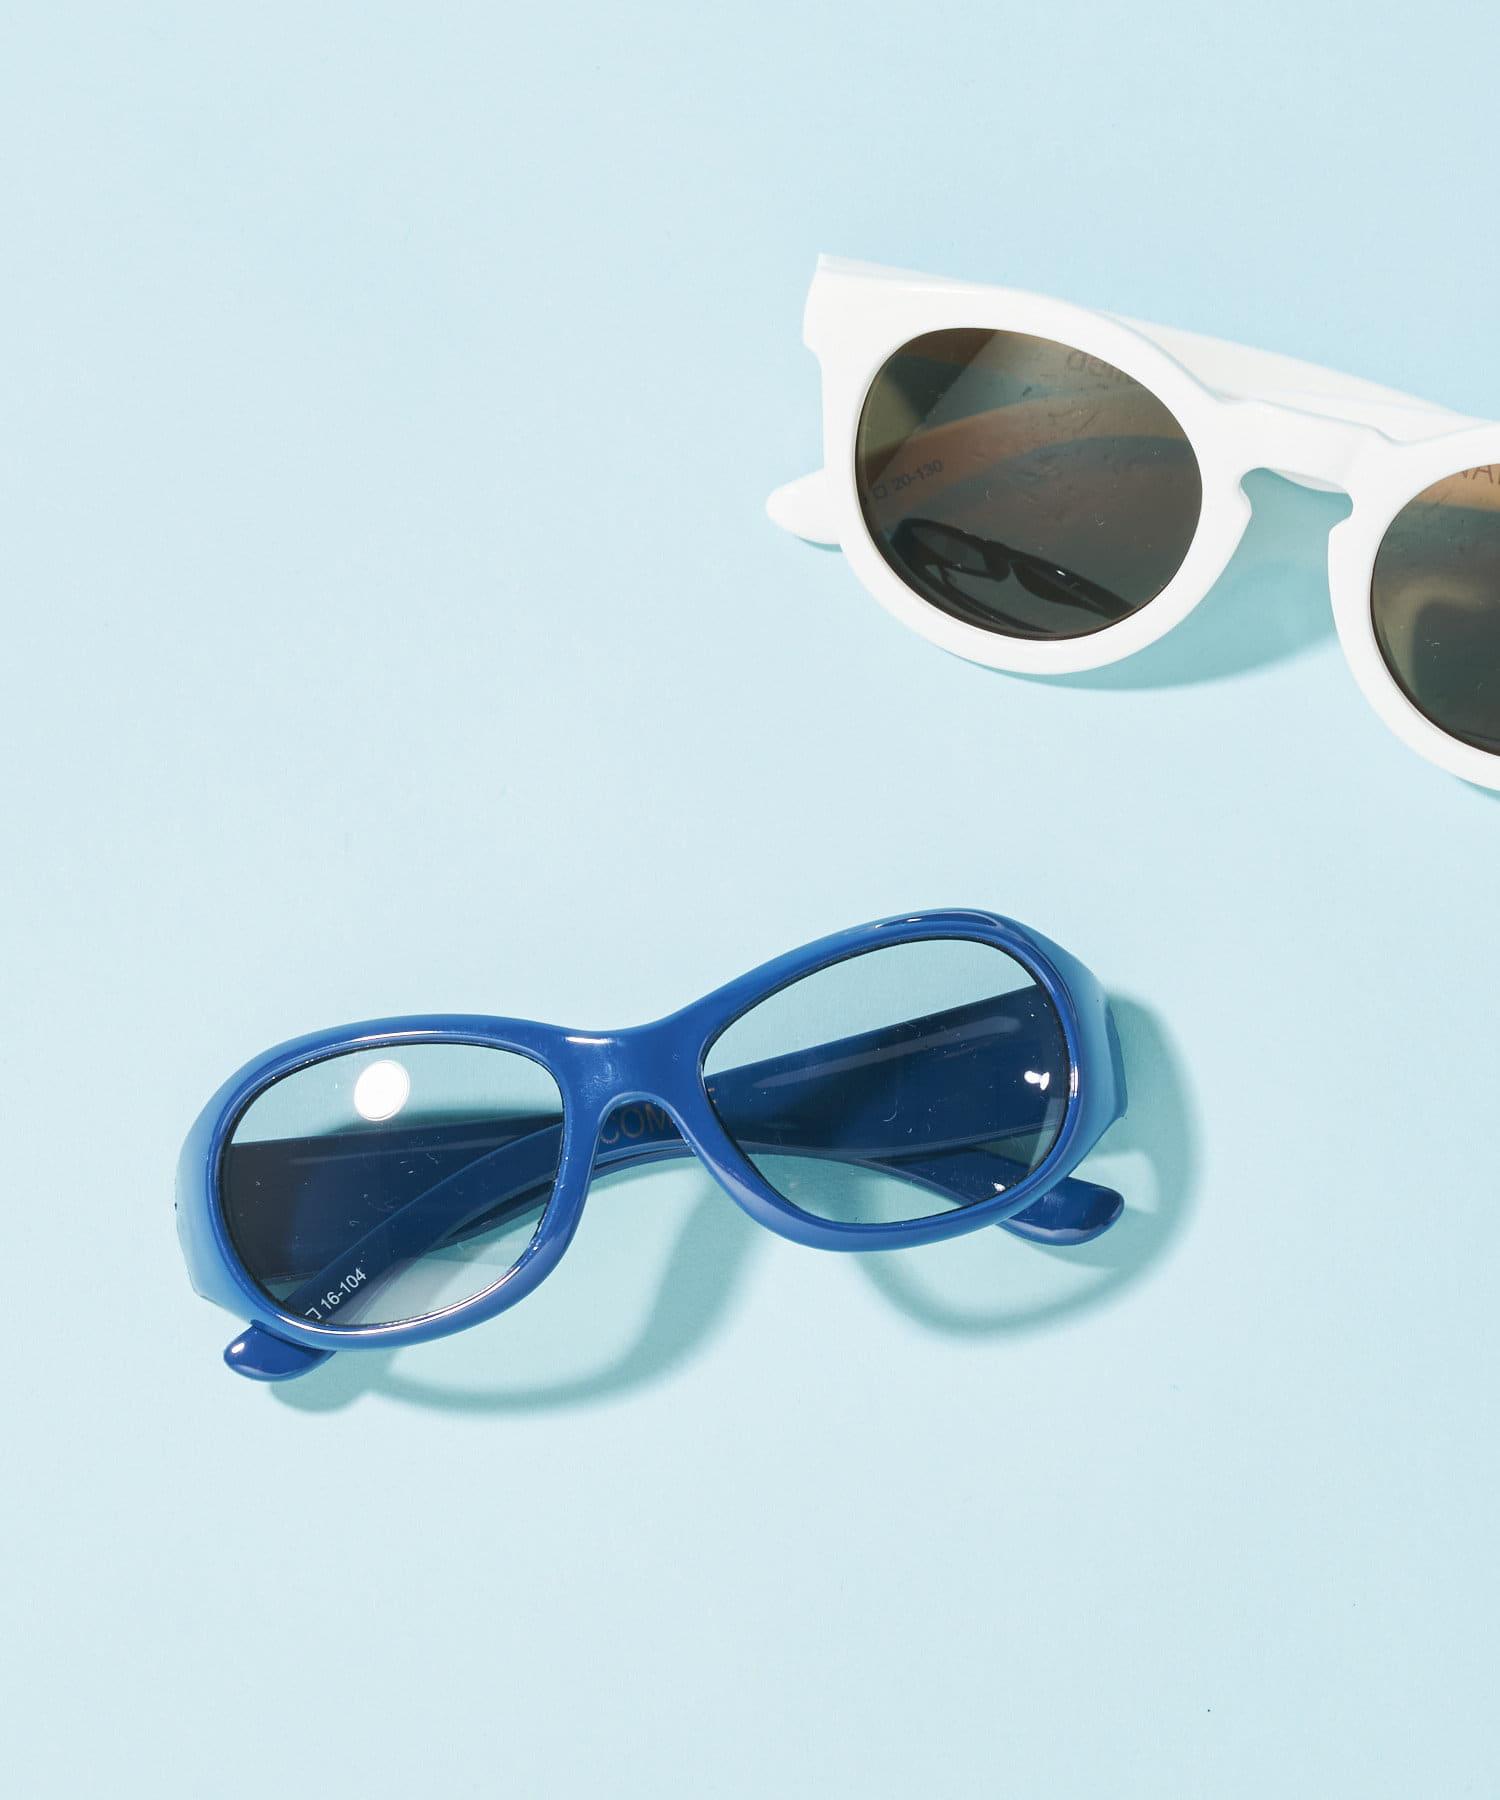 BONbazaar(ボンバザール) キッズ 《ベイビー》【delieb】Sunglasses COMOE NV/LSM カラーなし